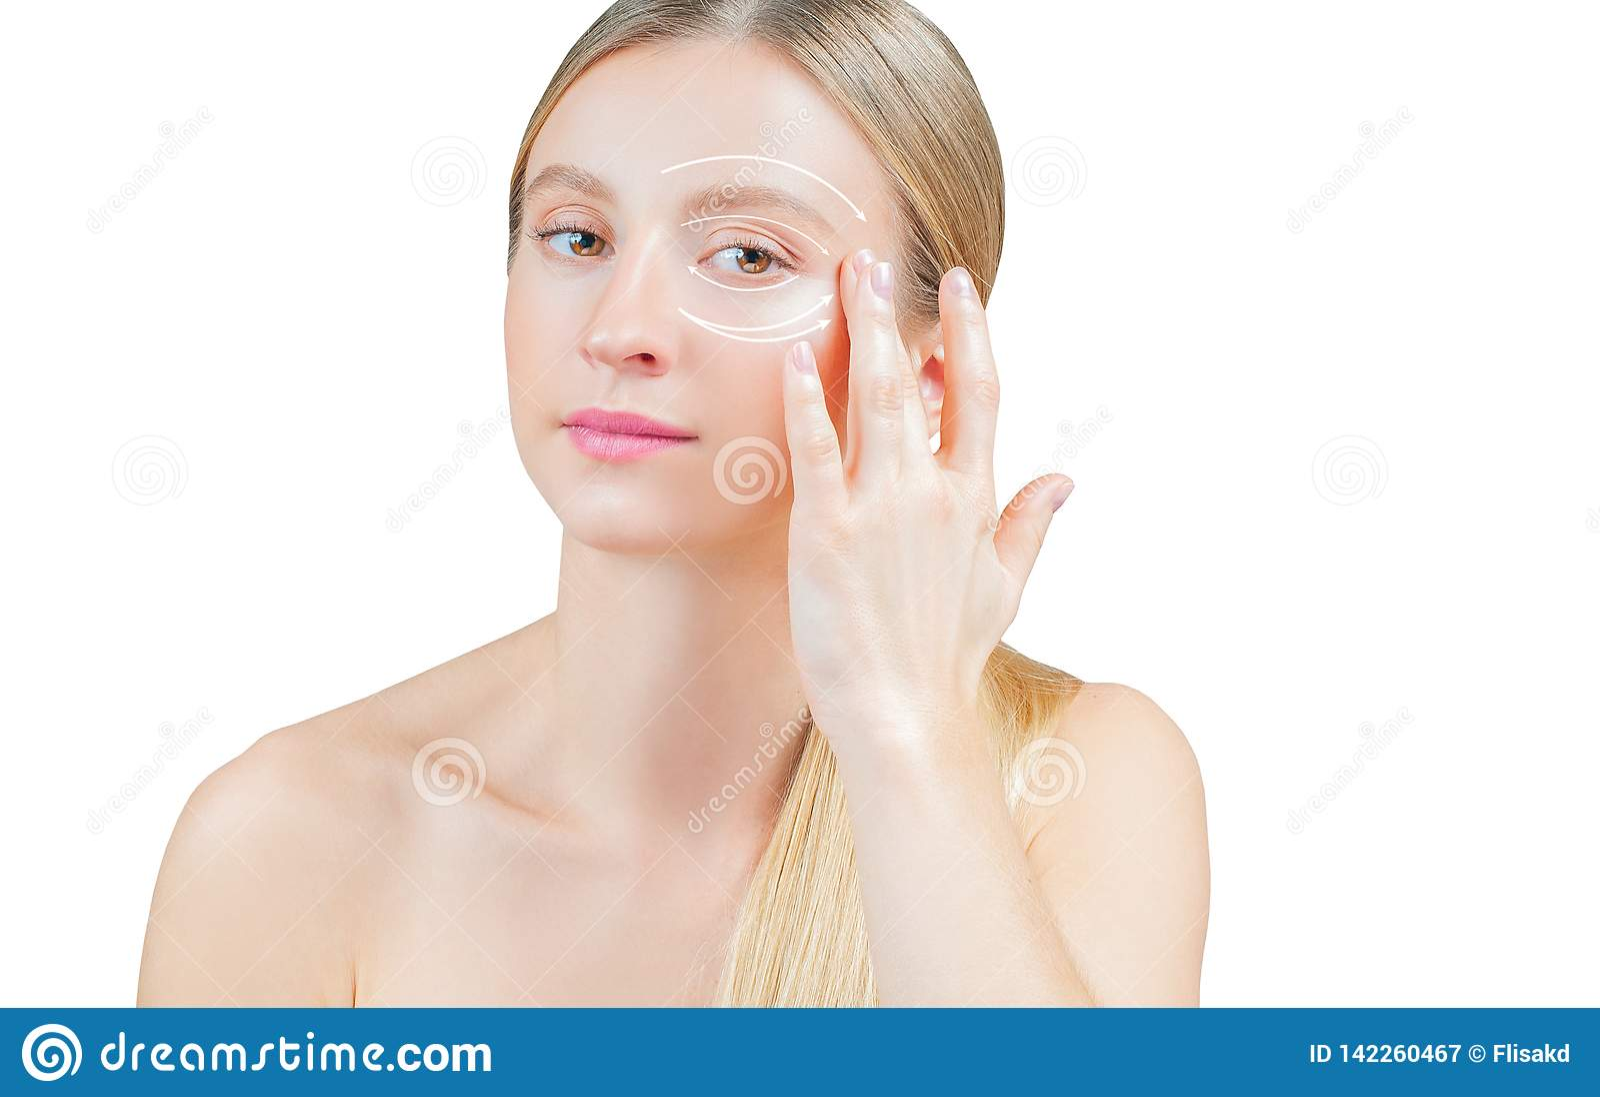 Trattamento e lifting facciale antinvecchiamento, bella donna con pelle perfetta con o le frecce intorno agli occhi